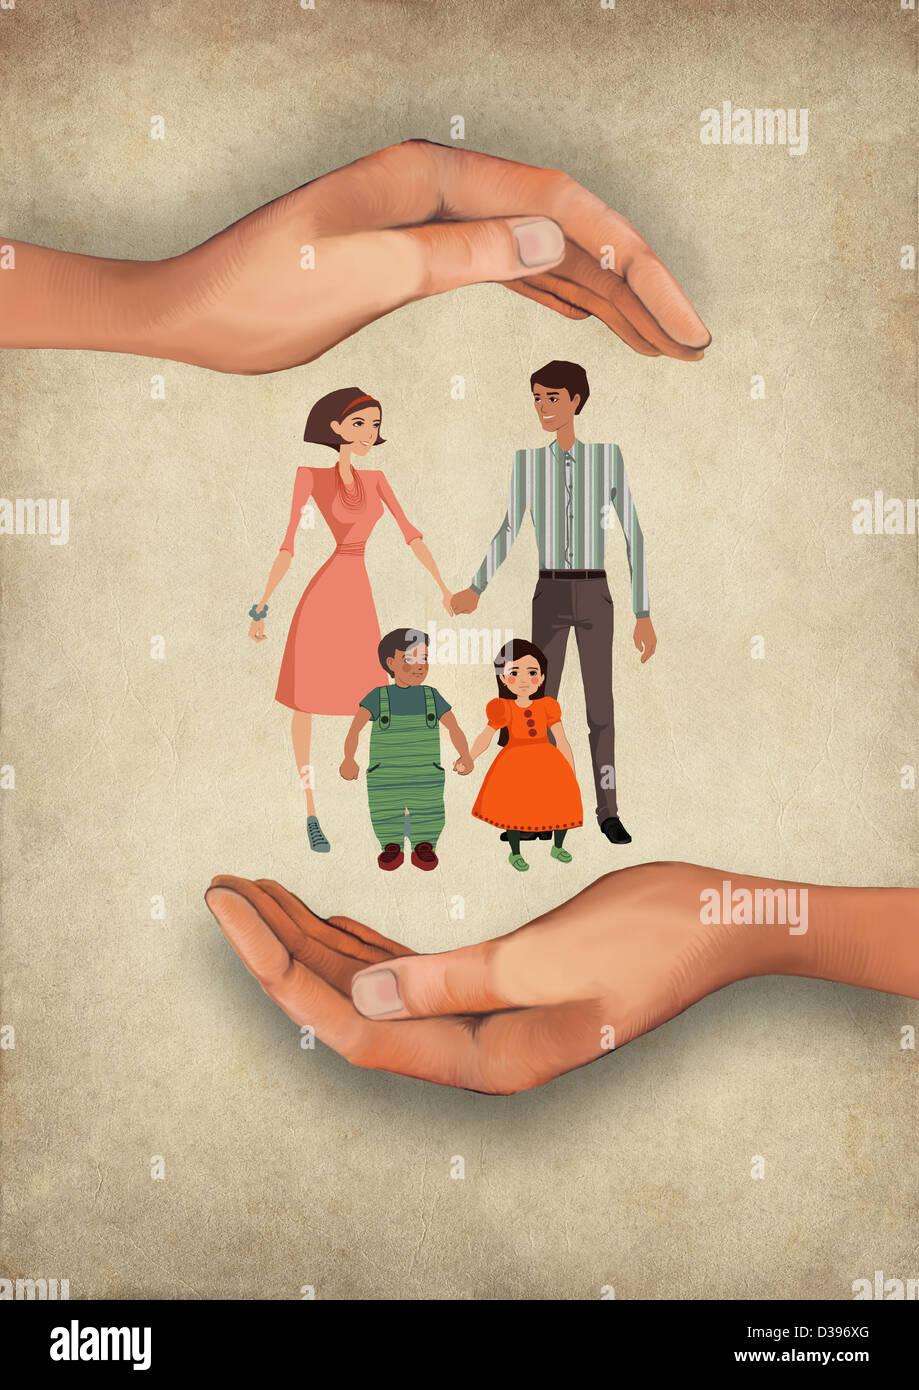 Imagen ilustrativa de las manos del hombre representan el seguro familiar de blindaje Imagen De Stock